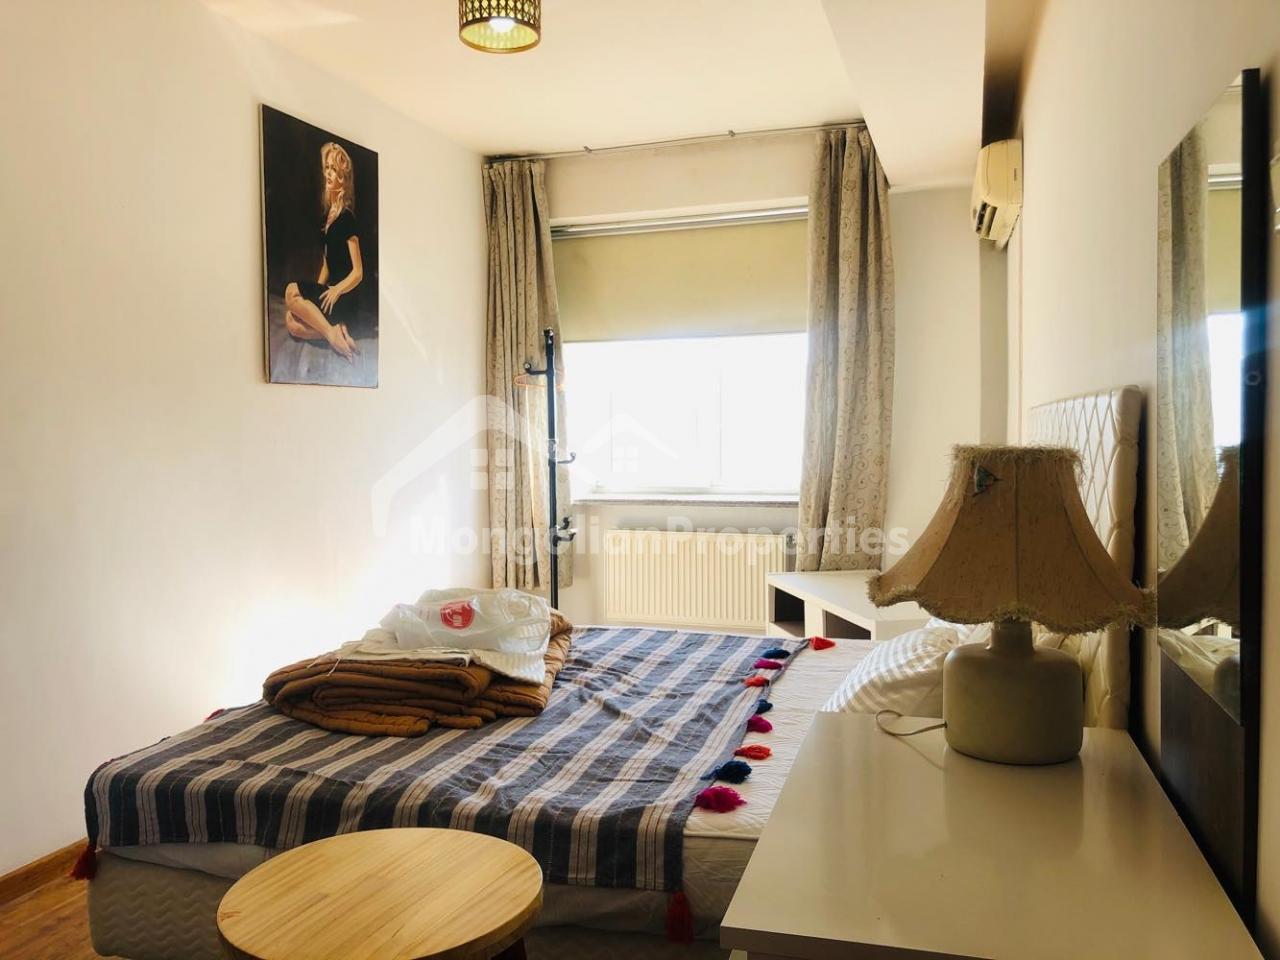 Huge Terrace, Beautiful 4 bedroom apartment is for rent in River Garden